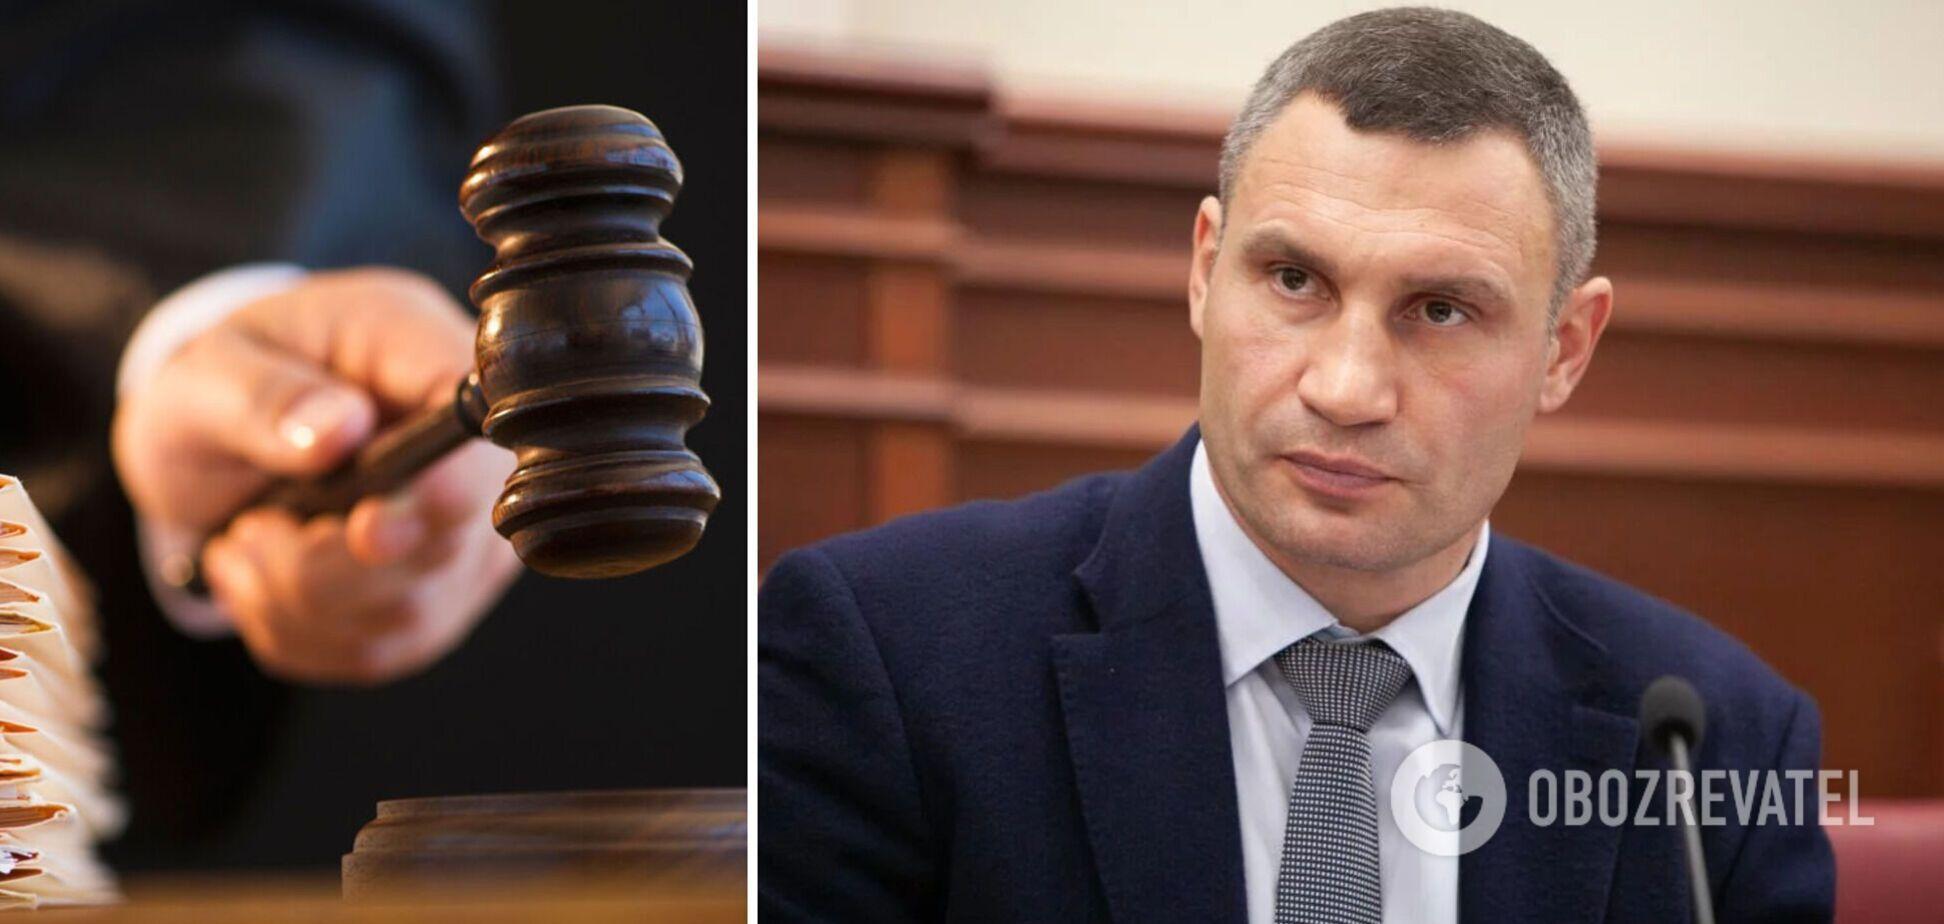 Кличко виграв суд у '1+1' щодо захисту честі та гідності: деталі справи